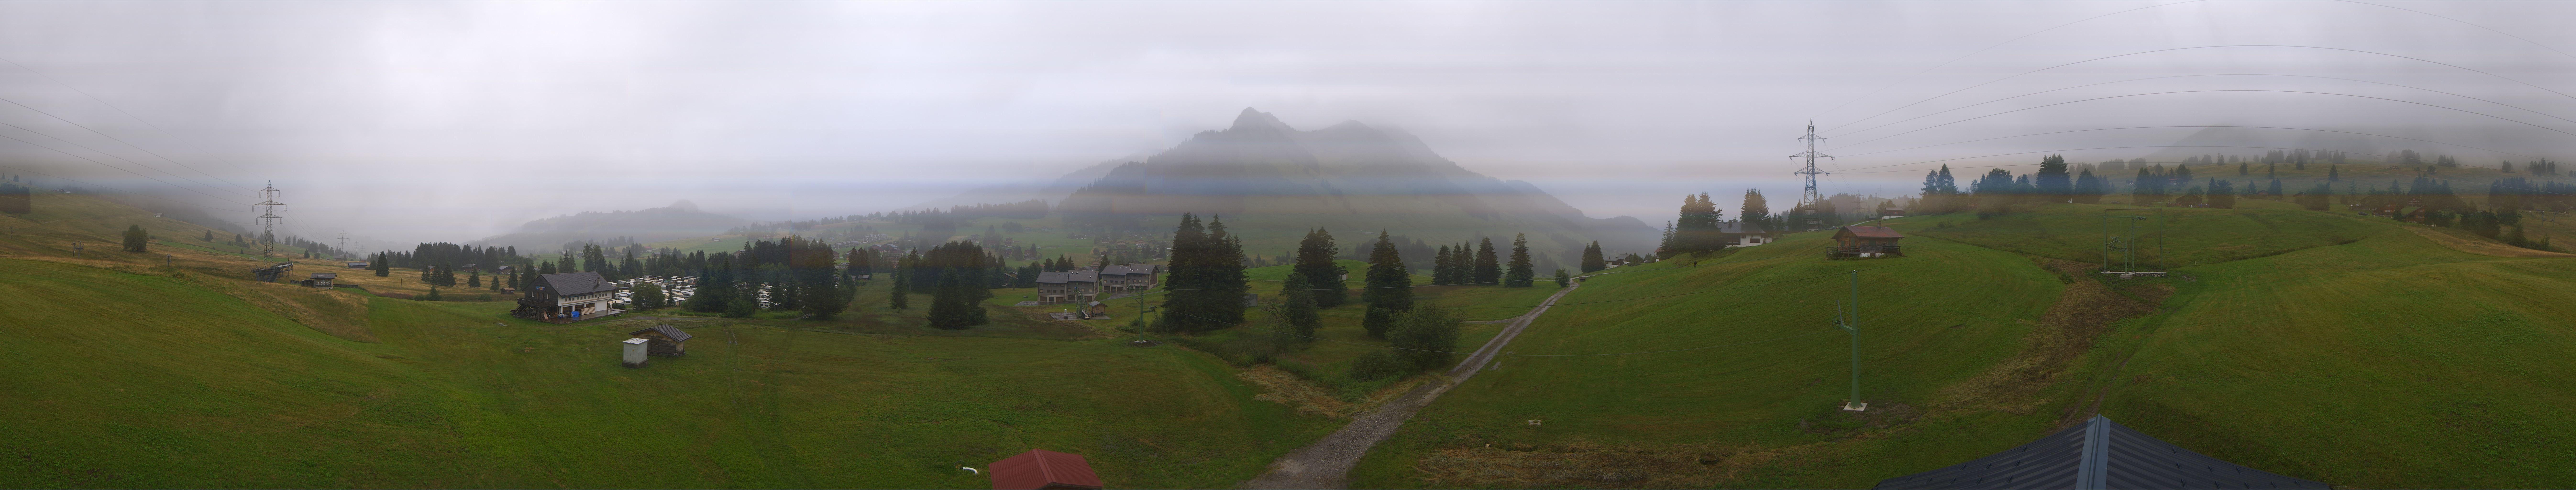 Ormont-Dessous: Les Mosses - Vaud - Vue sur le domaine skiable des Mosses